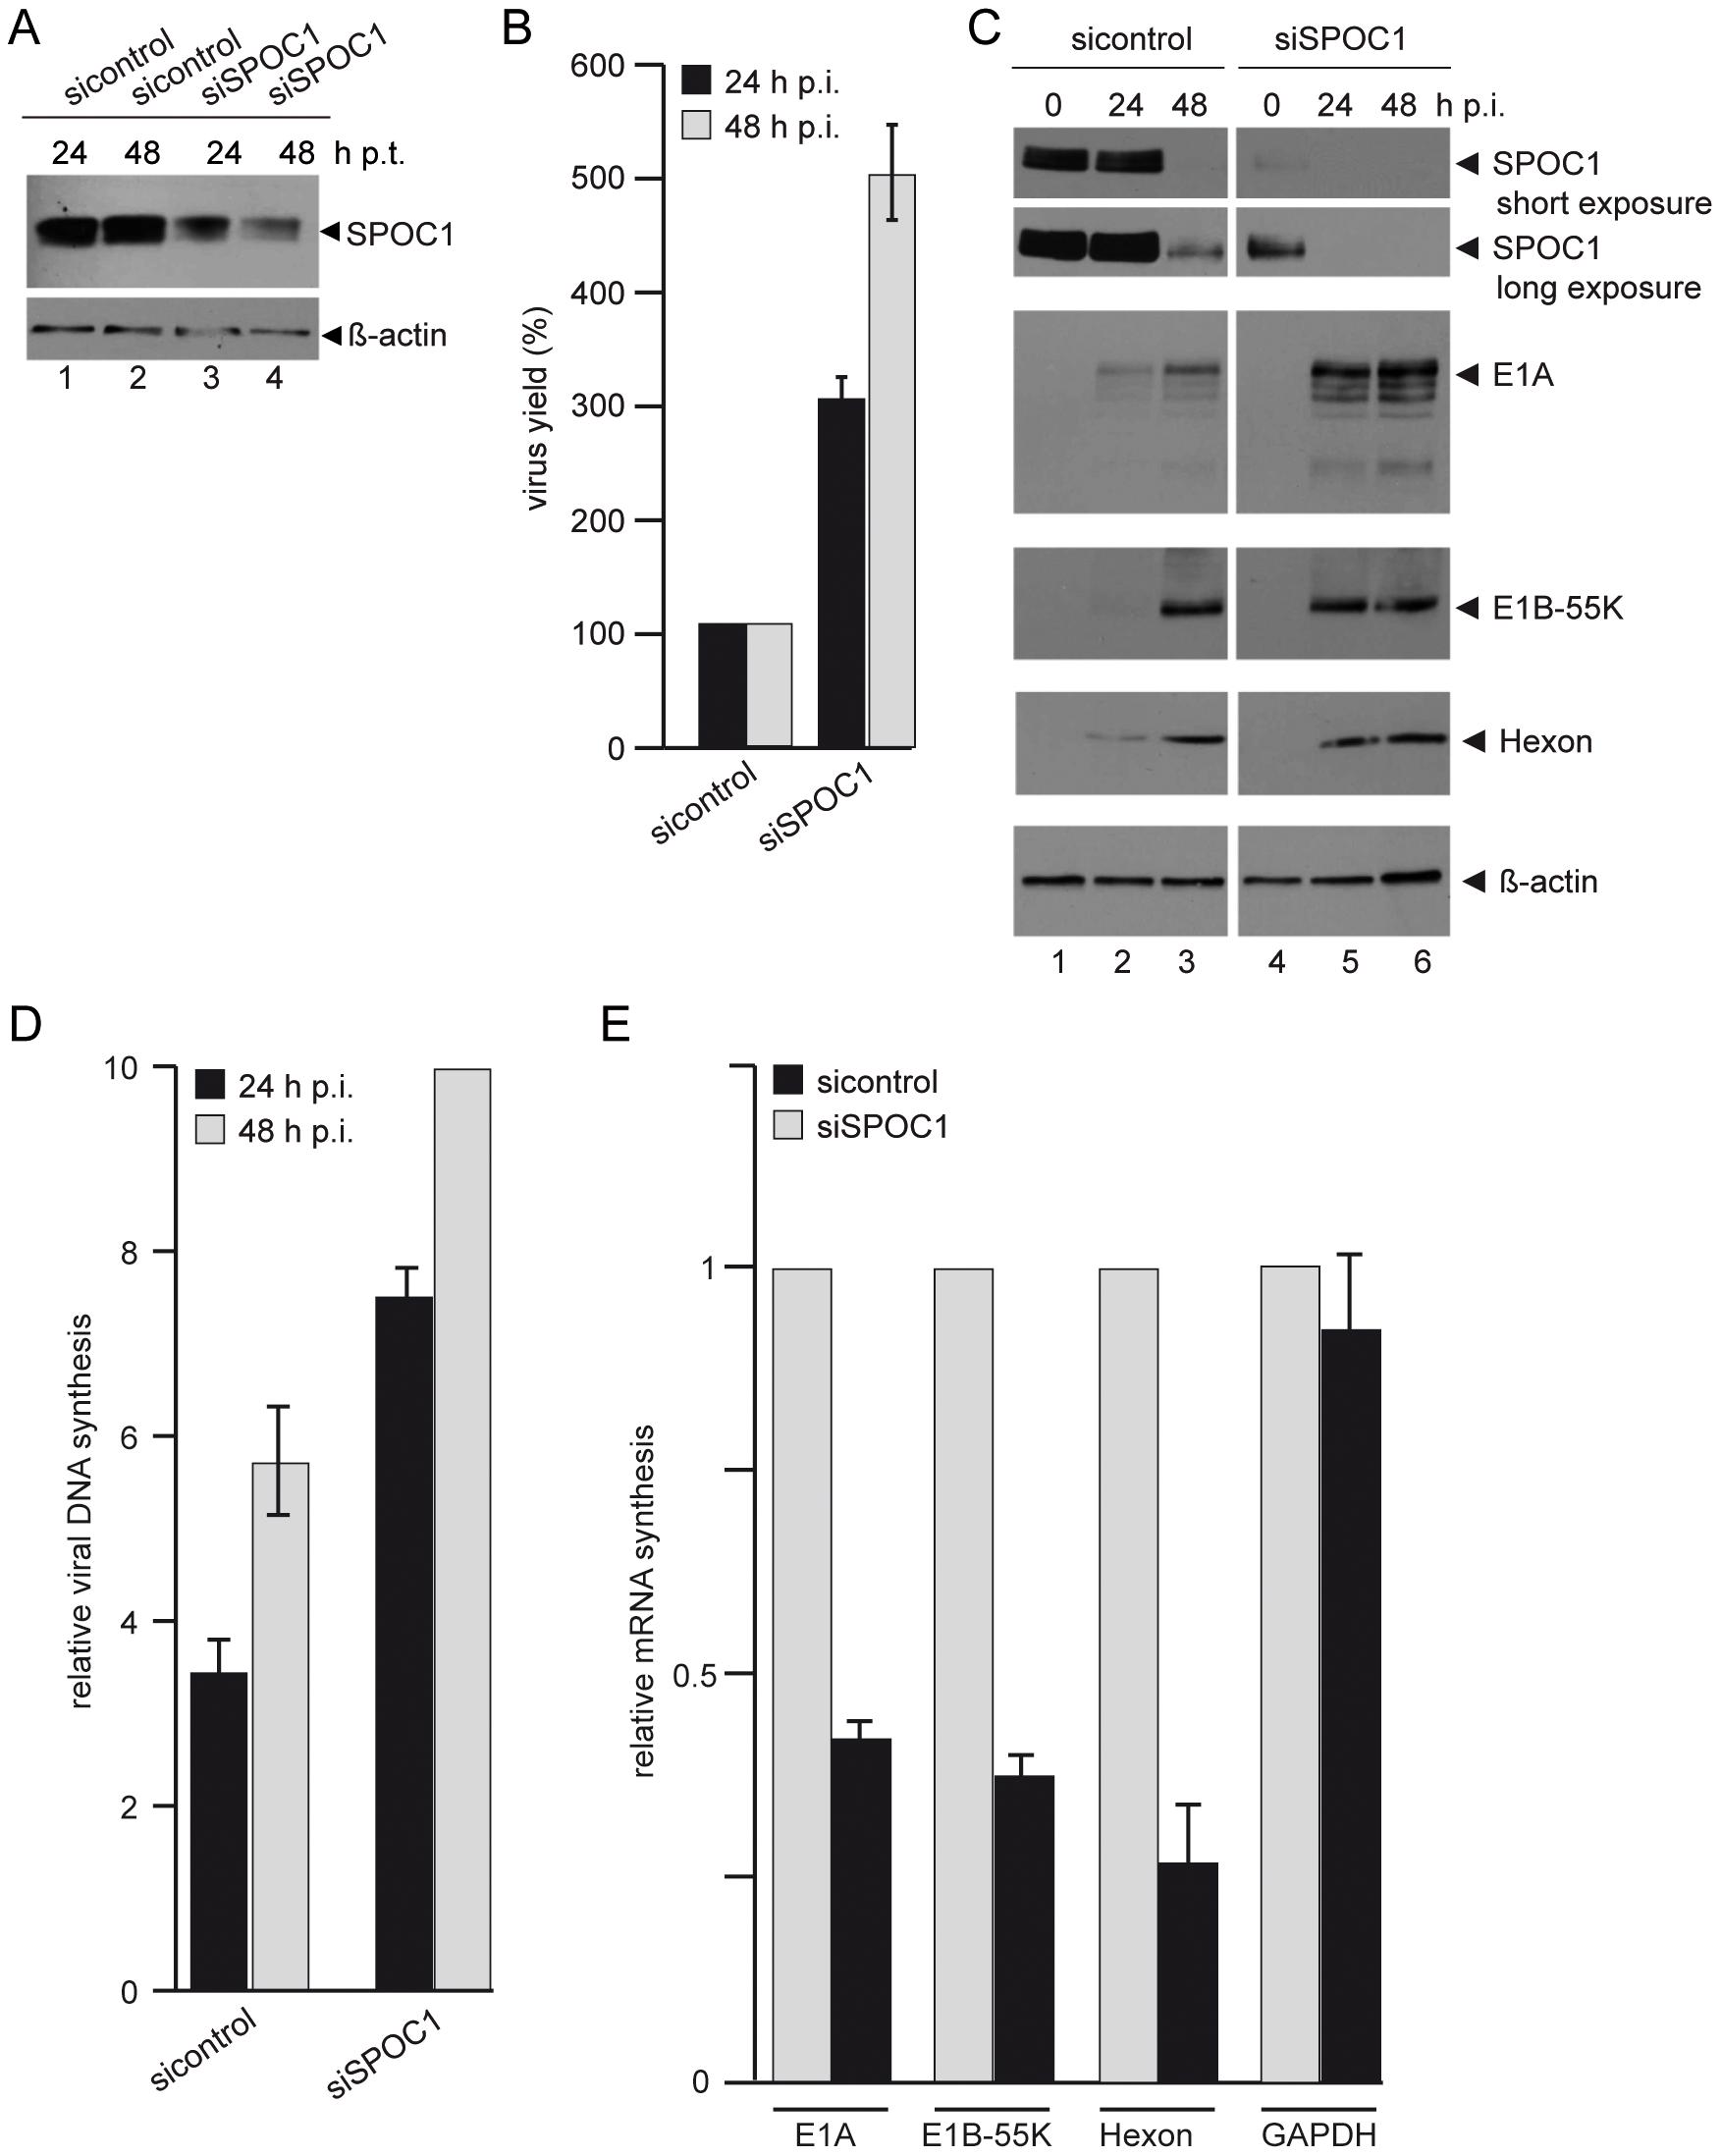 SPOC1 depletion enhances Ad5 gene expression.